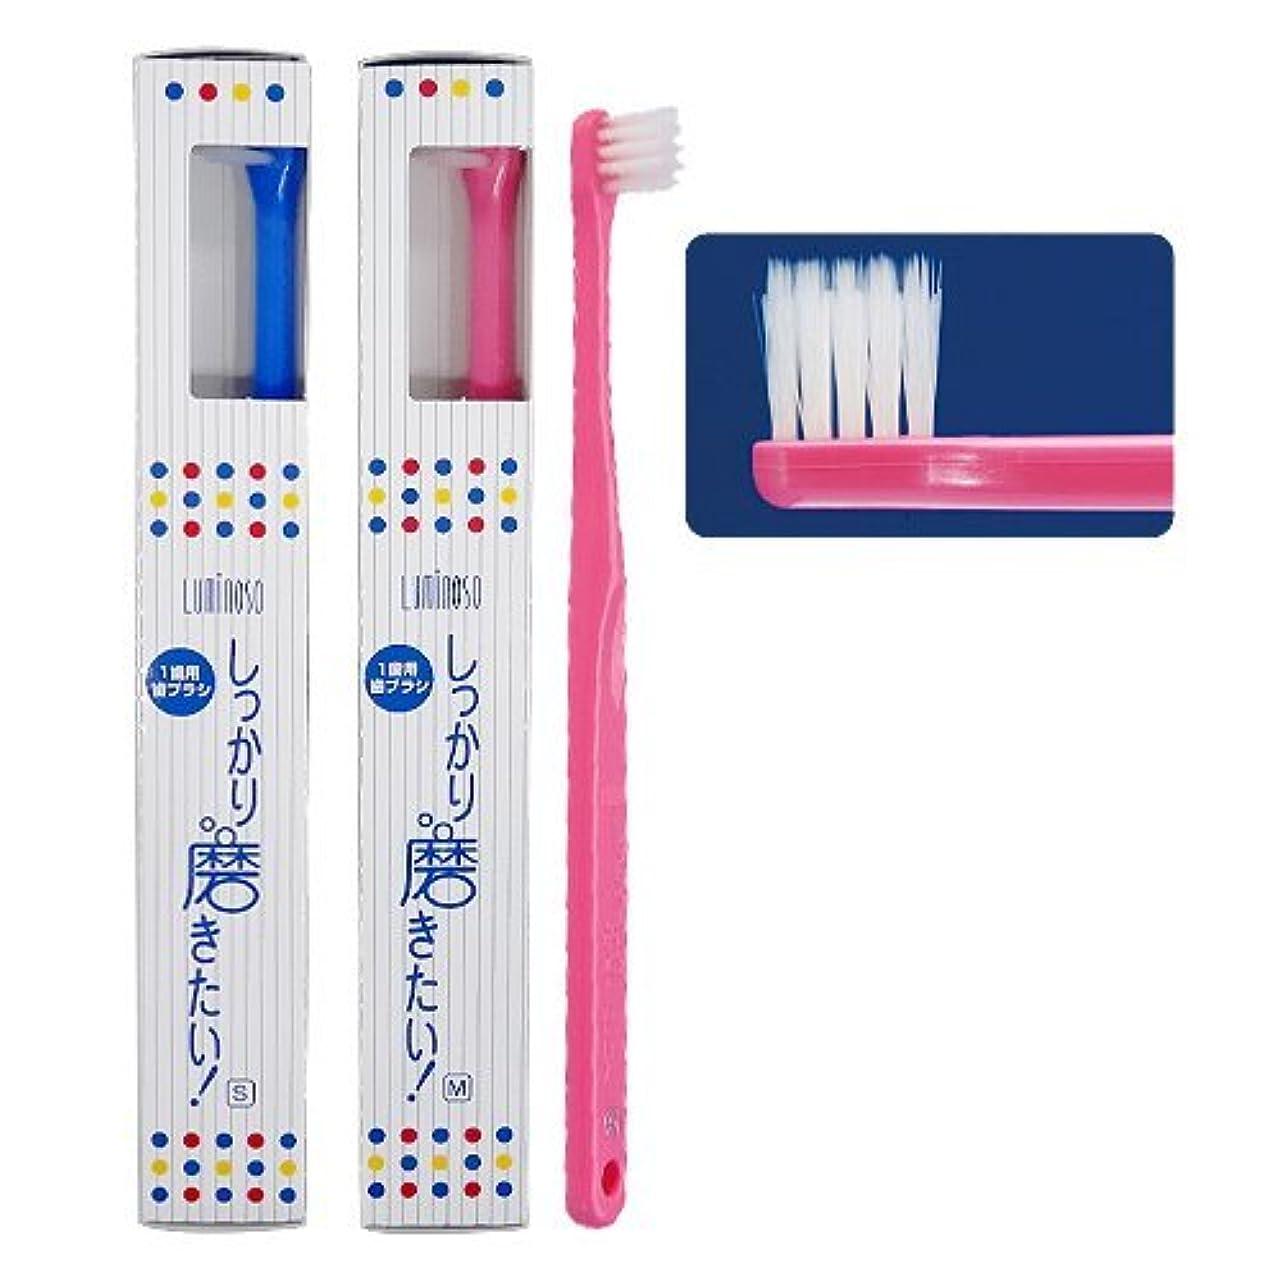 ポインタ認識判決ルミノソ 1歯用歯ブラシ「しっかり磨きたい!」スタンダード ソフト (カラー指定不可) 3本